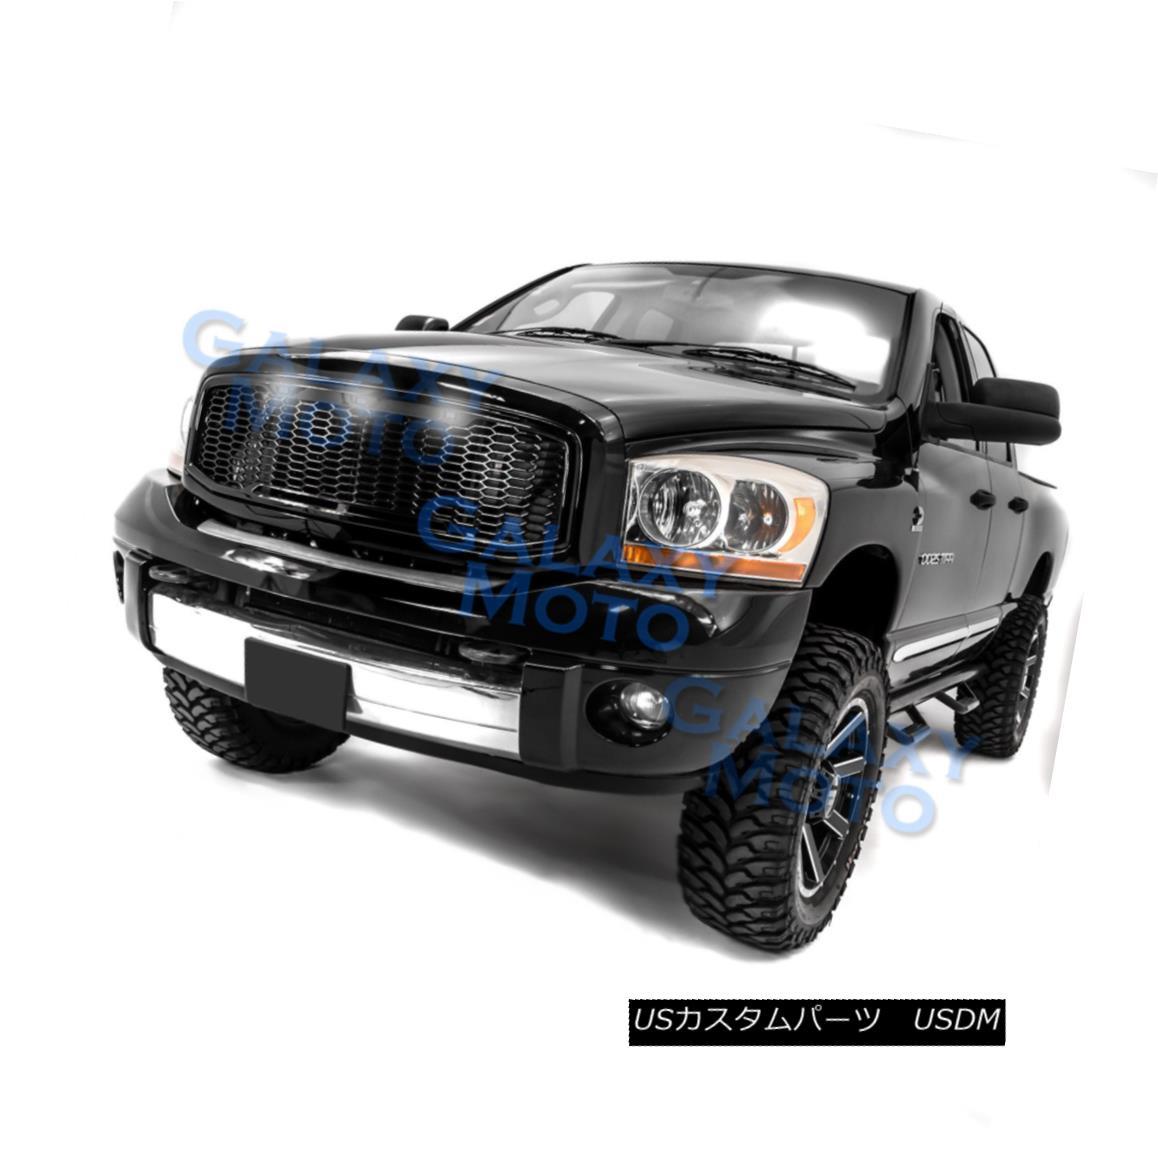 グリル 06-09 Dodge RAM Raptor Style Gloss Black Replacement Mesh Grille+Shell+White LED 06-09ドッジRAMラプタースタイルグロスブラック交換メッシュグリル+シェル+ W hite LED